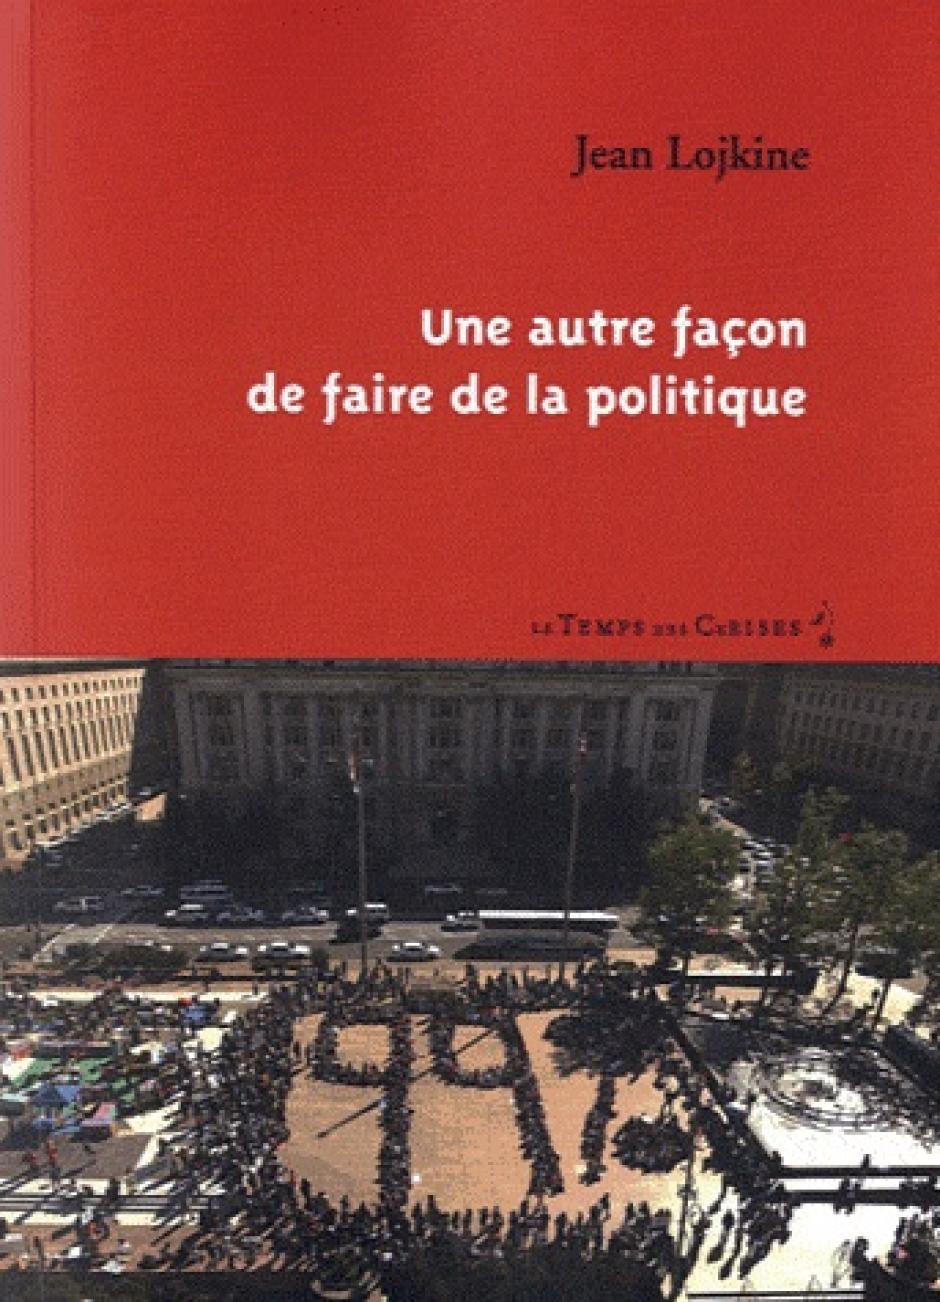 Une nouvelle façon de faire de la politique, Jean Lojkine